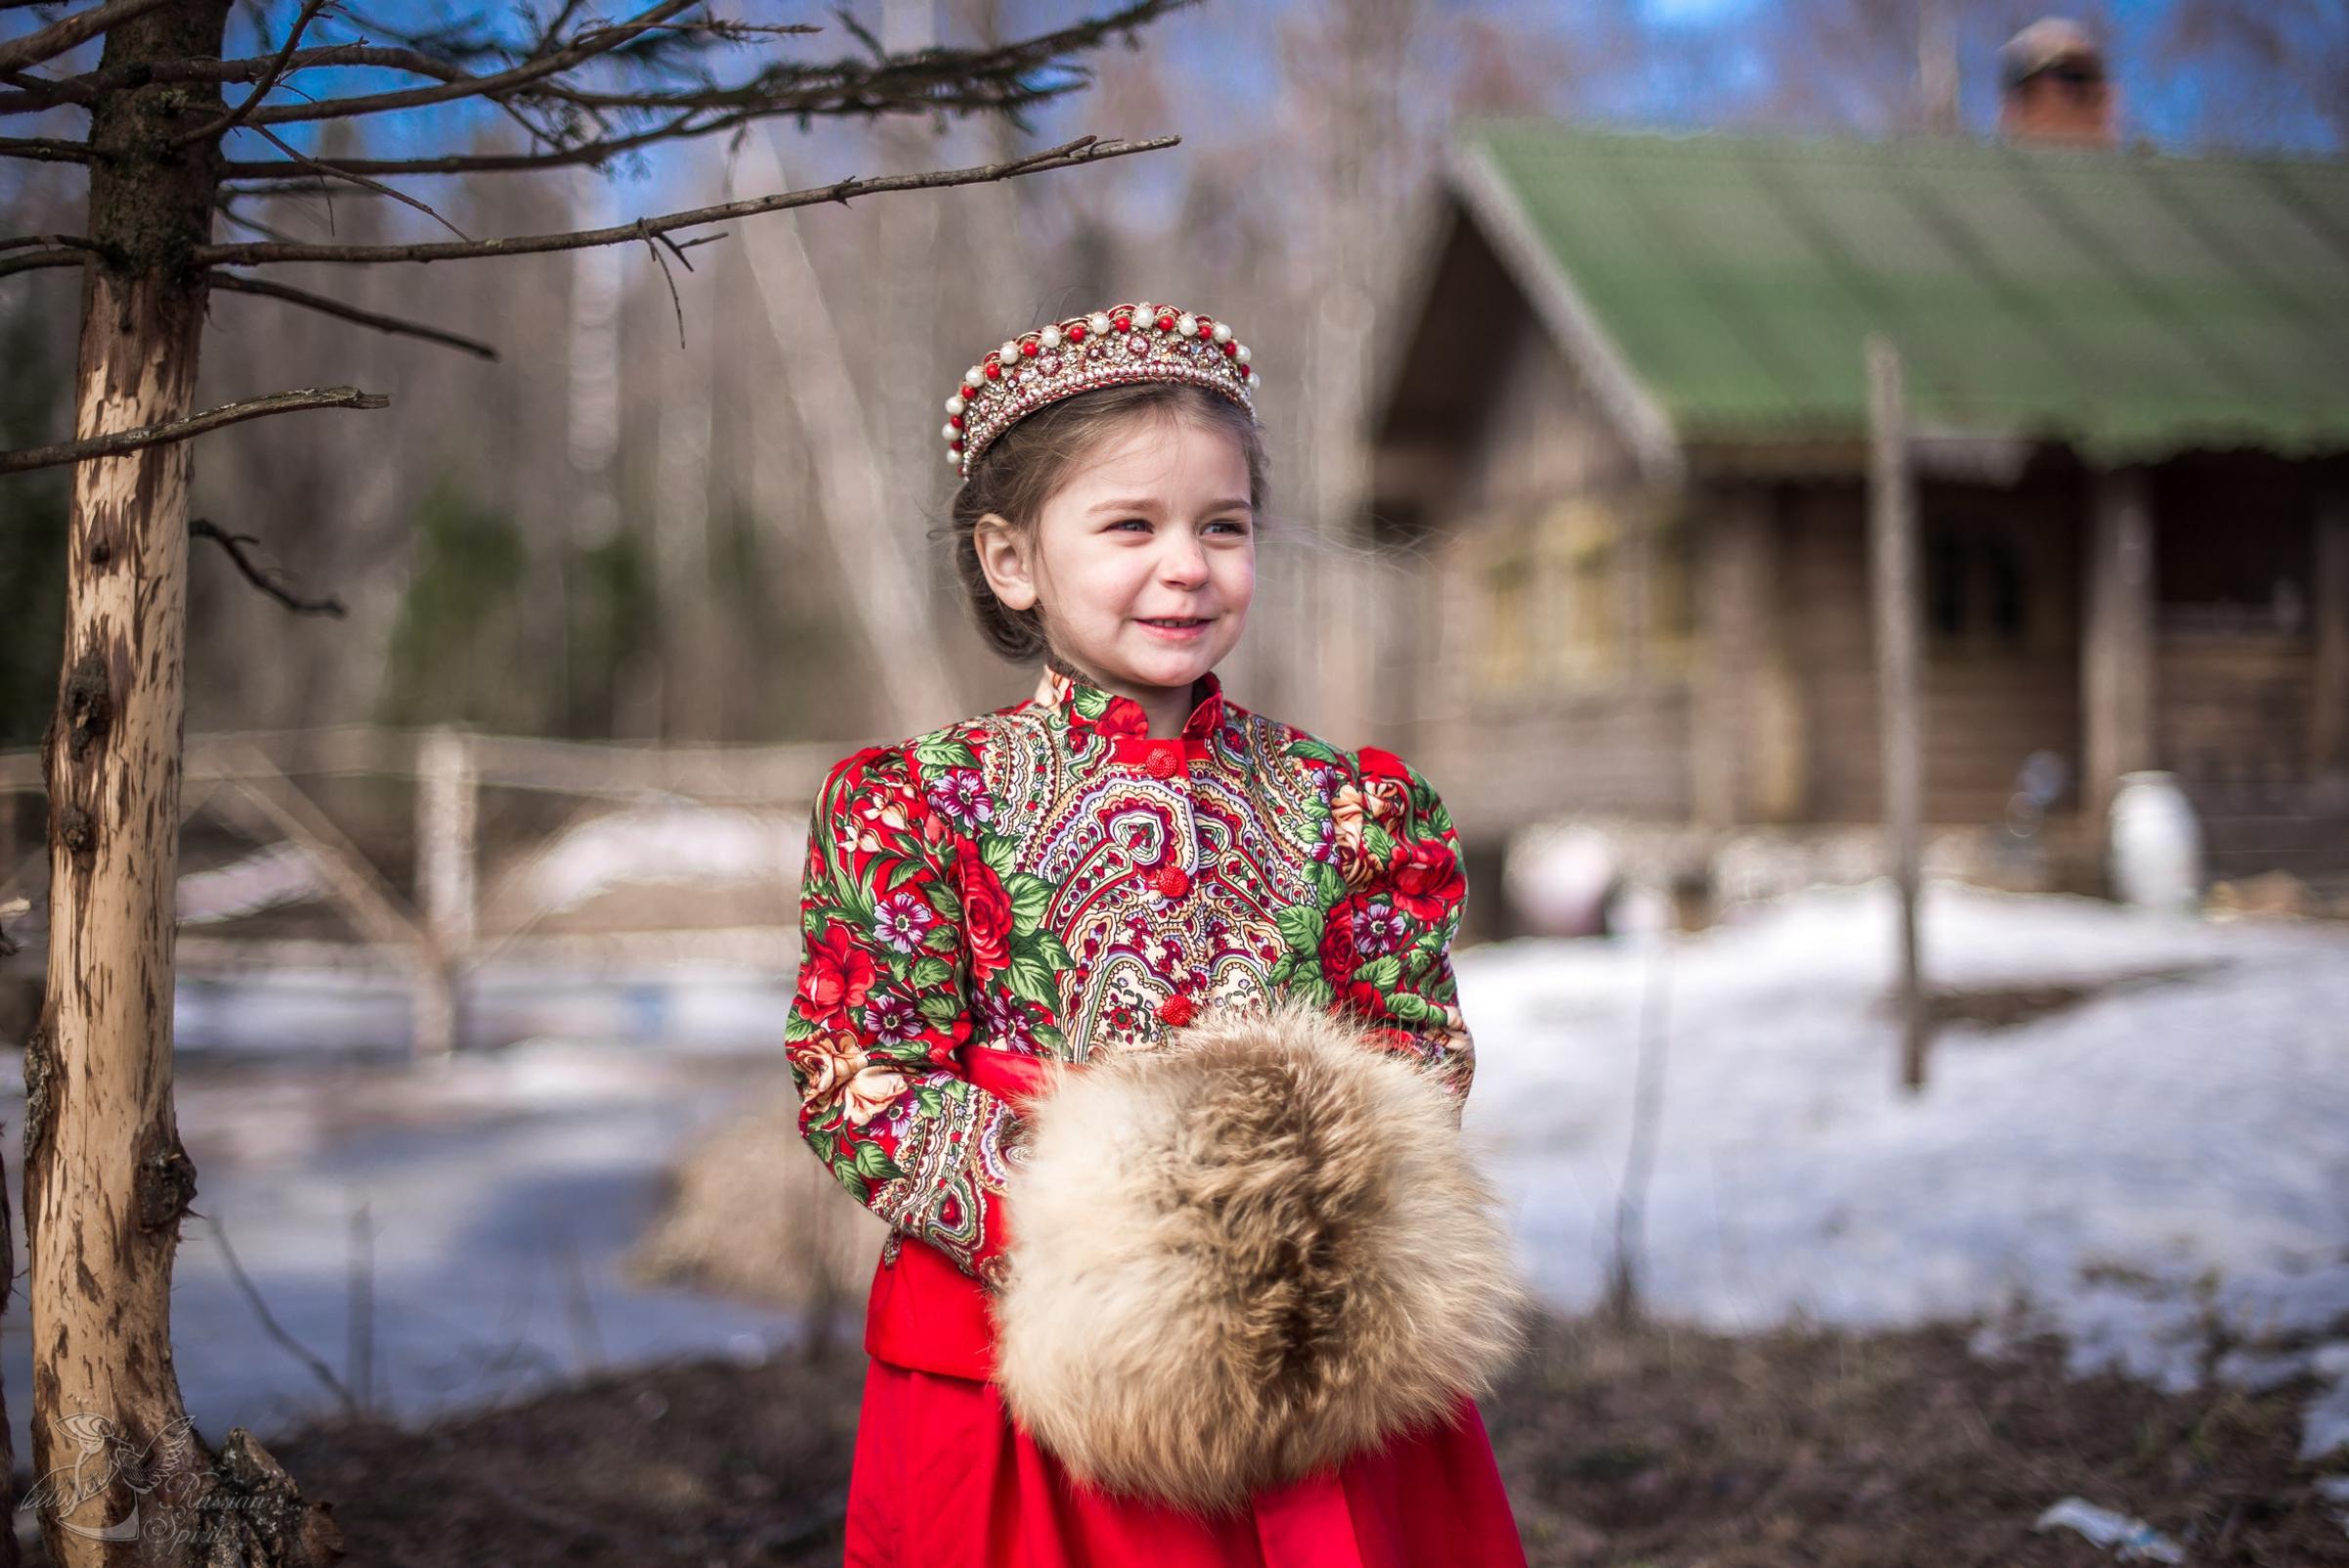 Девочка в платье в русском стиле на фоне деревянного дома